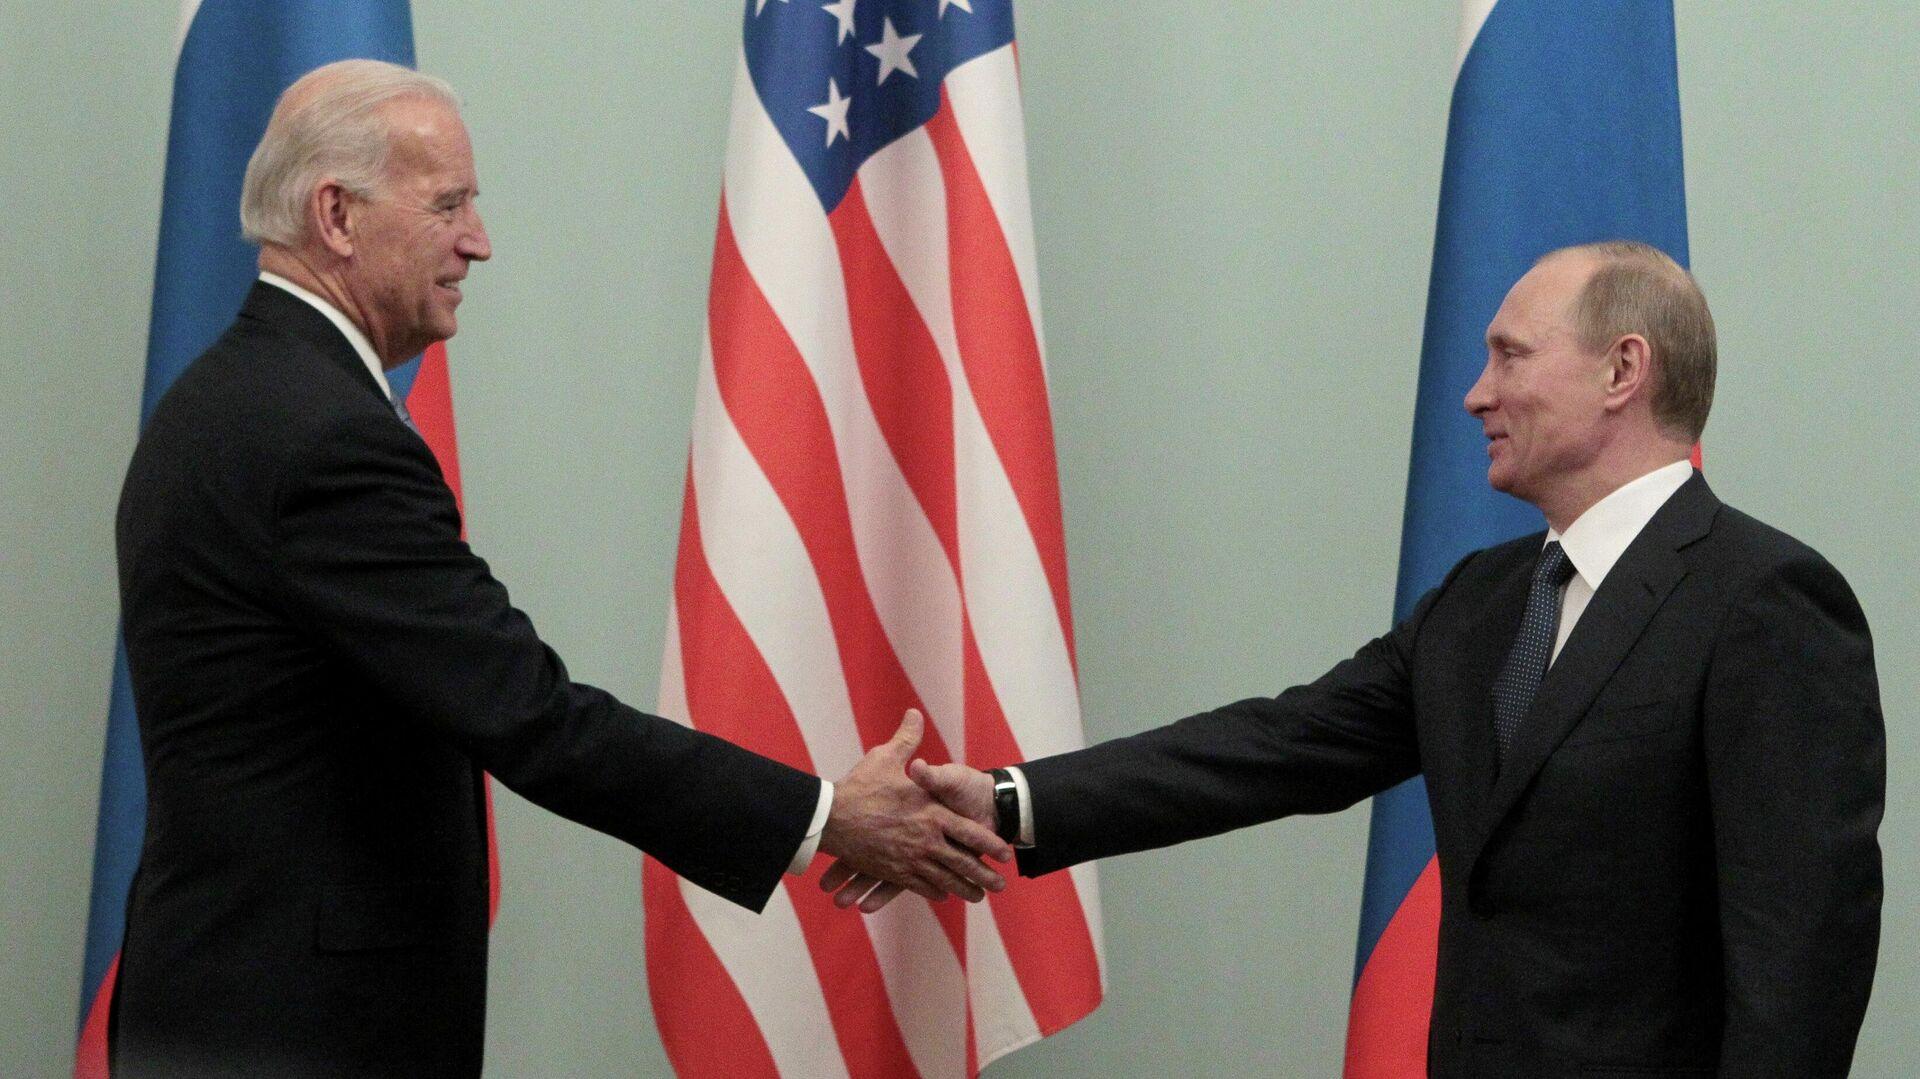 Владимир Путин и Джо Байден во время встречи в 2011 году - РИА Новости, 1920, 23.03.2021